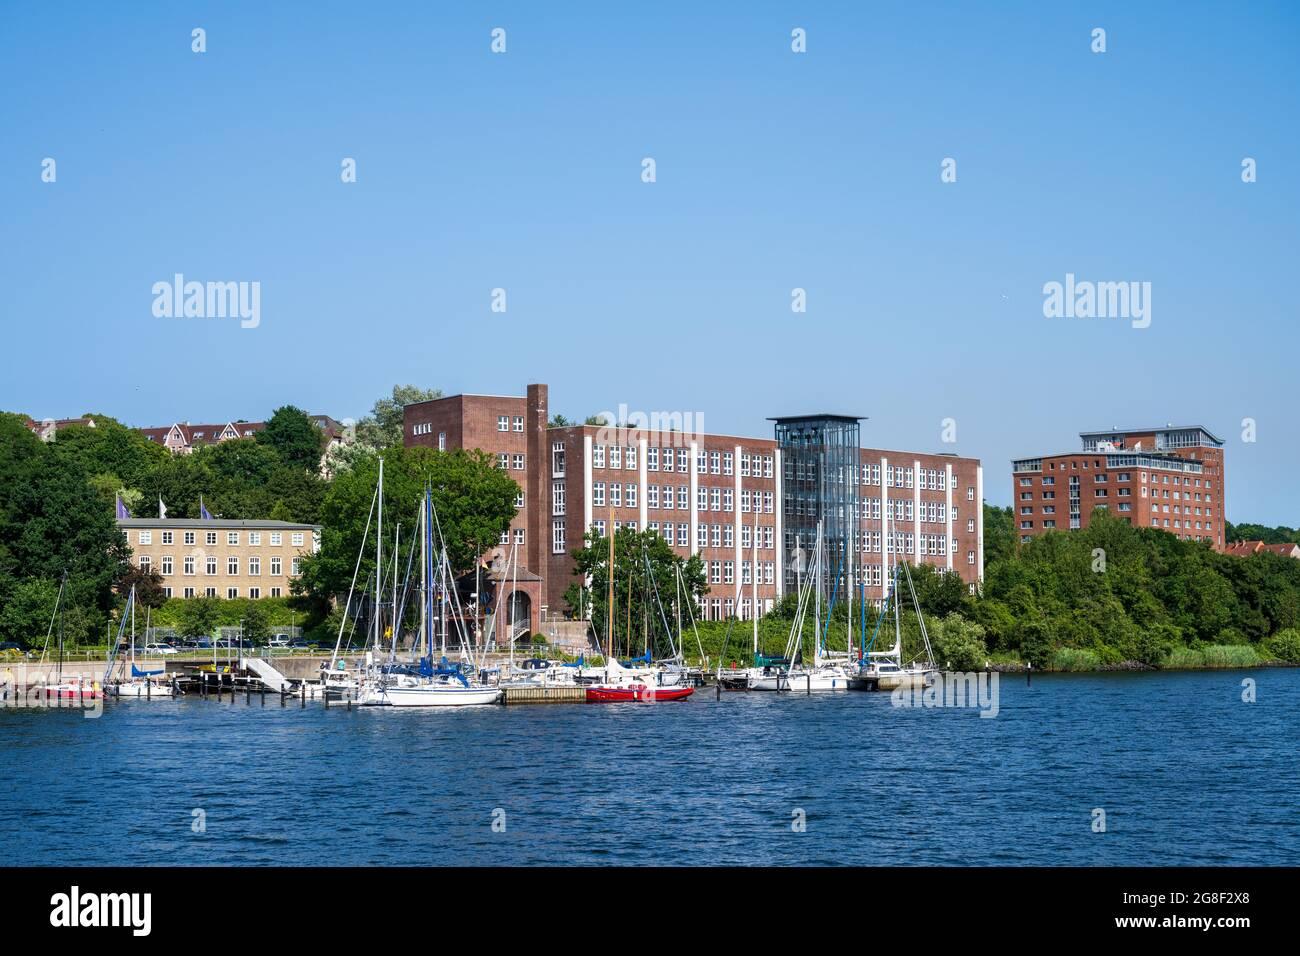 Kiel Hafenimpresionen - Das Gebäude einer Rehaklinik am Ufer der Schwentine kurz vor der Mündung des Flusses in die Kieler Förde Foto de stock